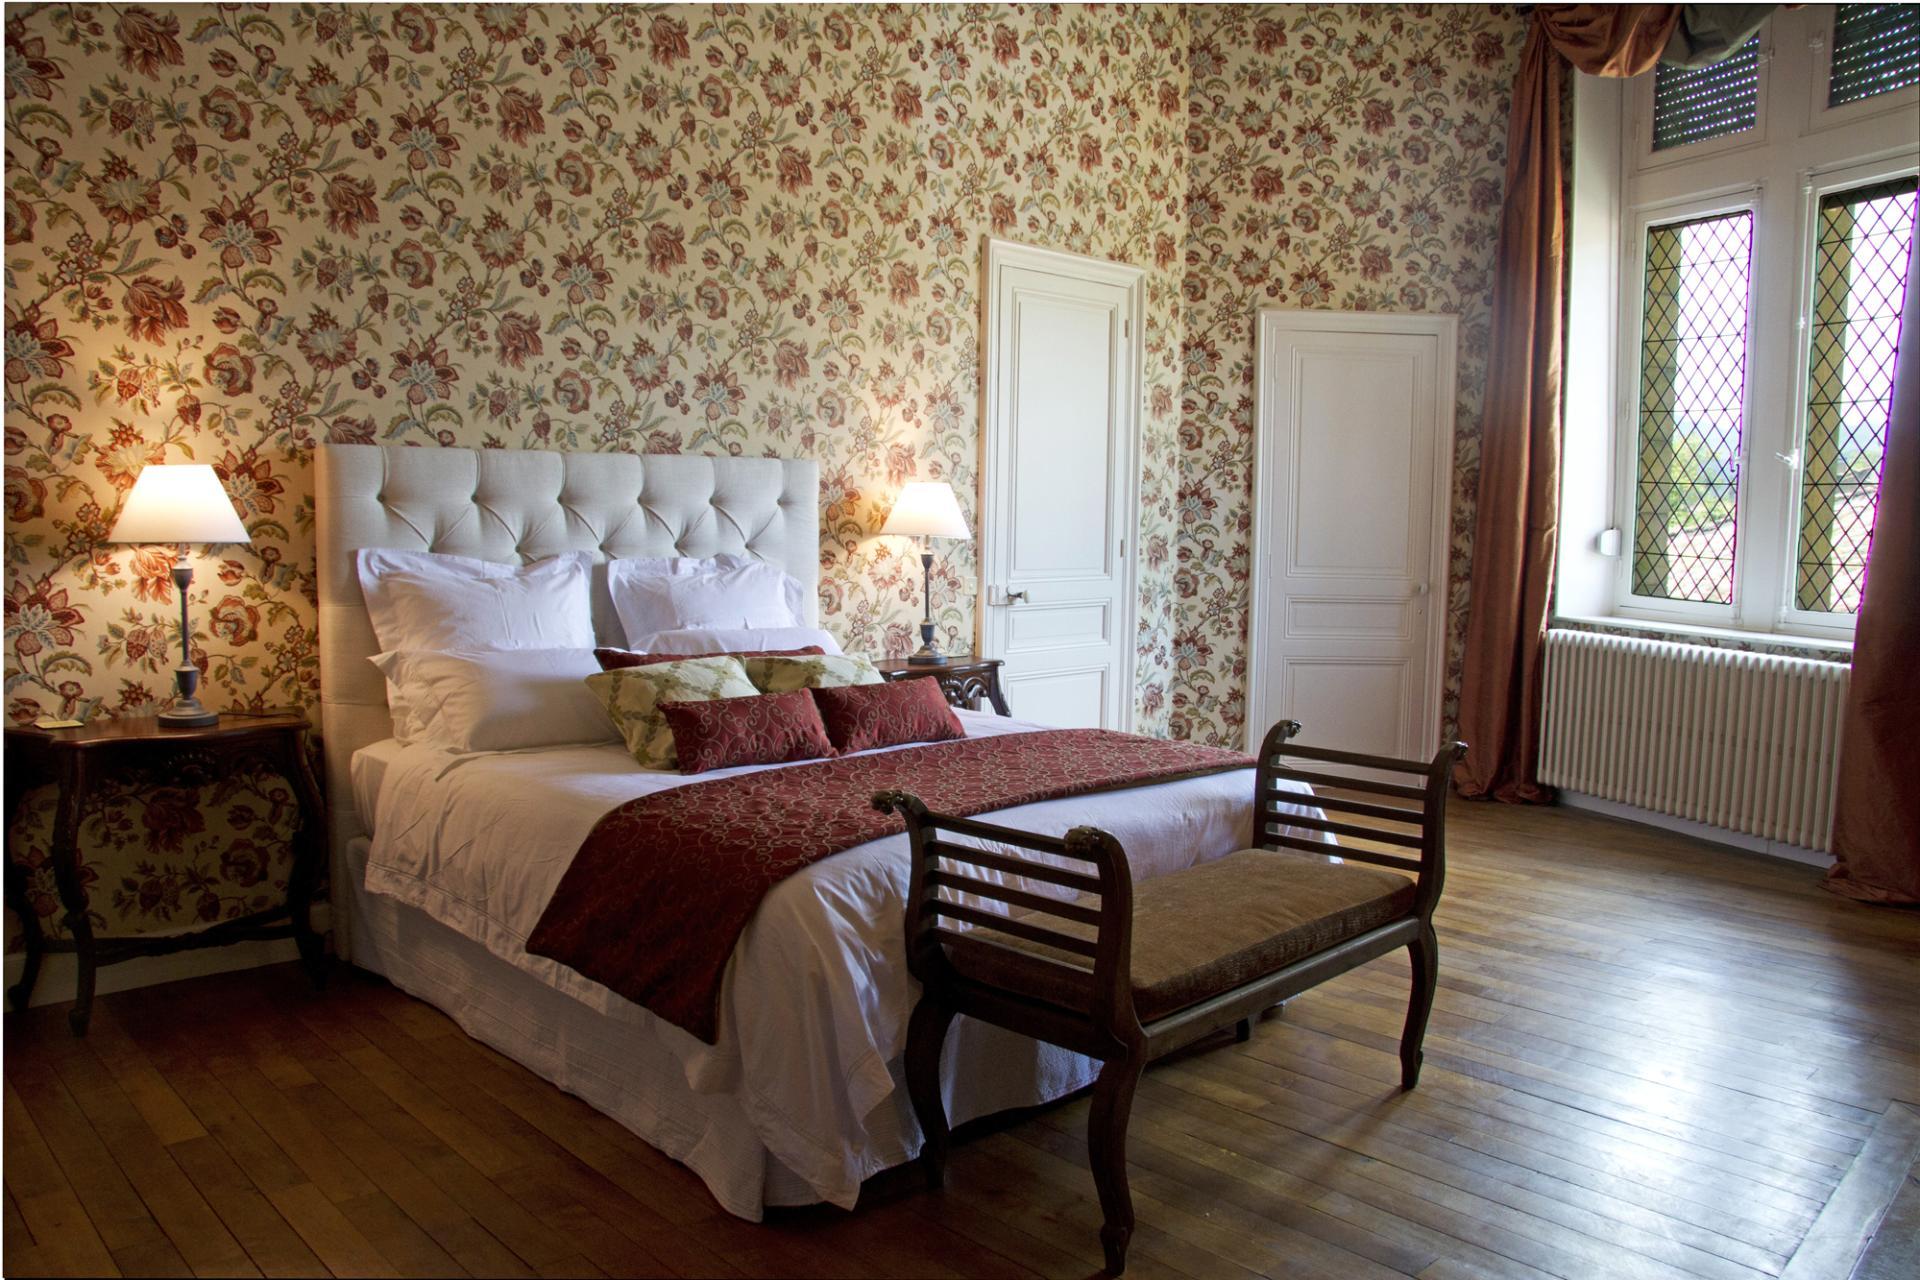 Bedroom 1, Chateau de Comtes, Chalabre, Languedoc.